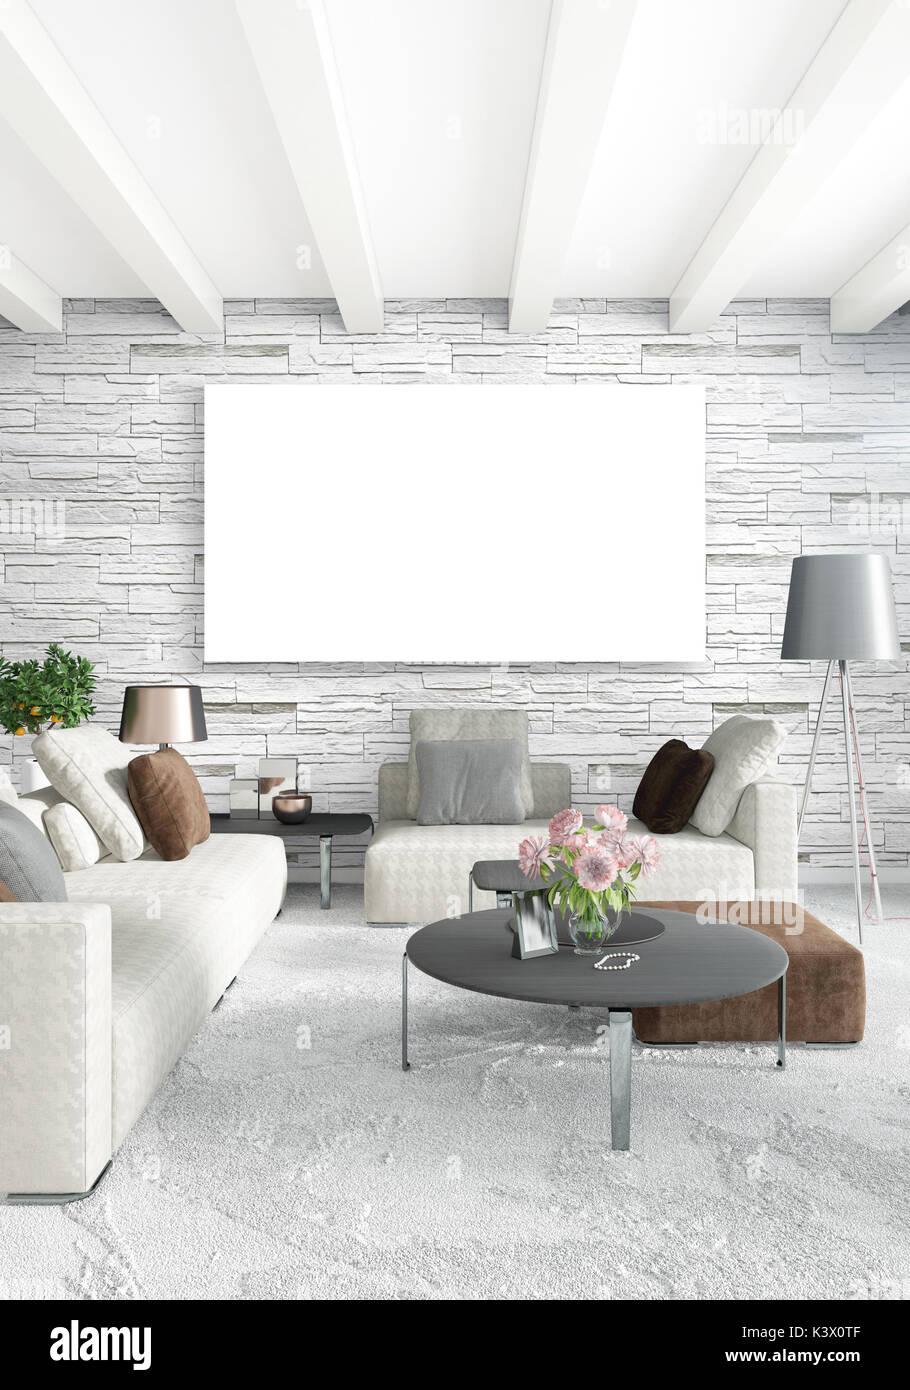 Vertikale moderne Innenausstattung Schlafzimmer oder Wohnzimmer mit ...